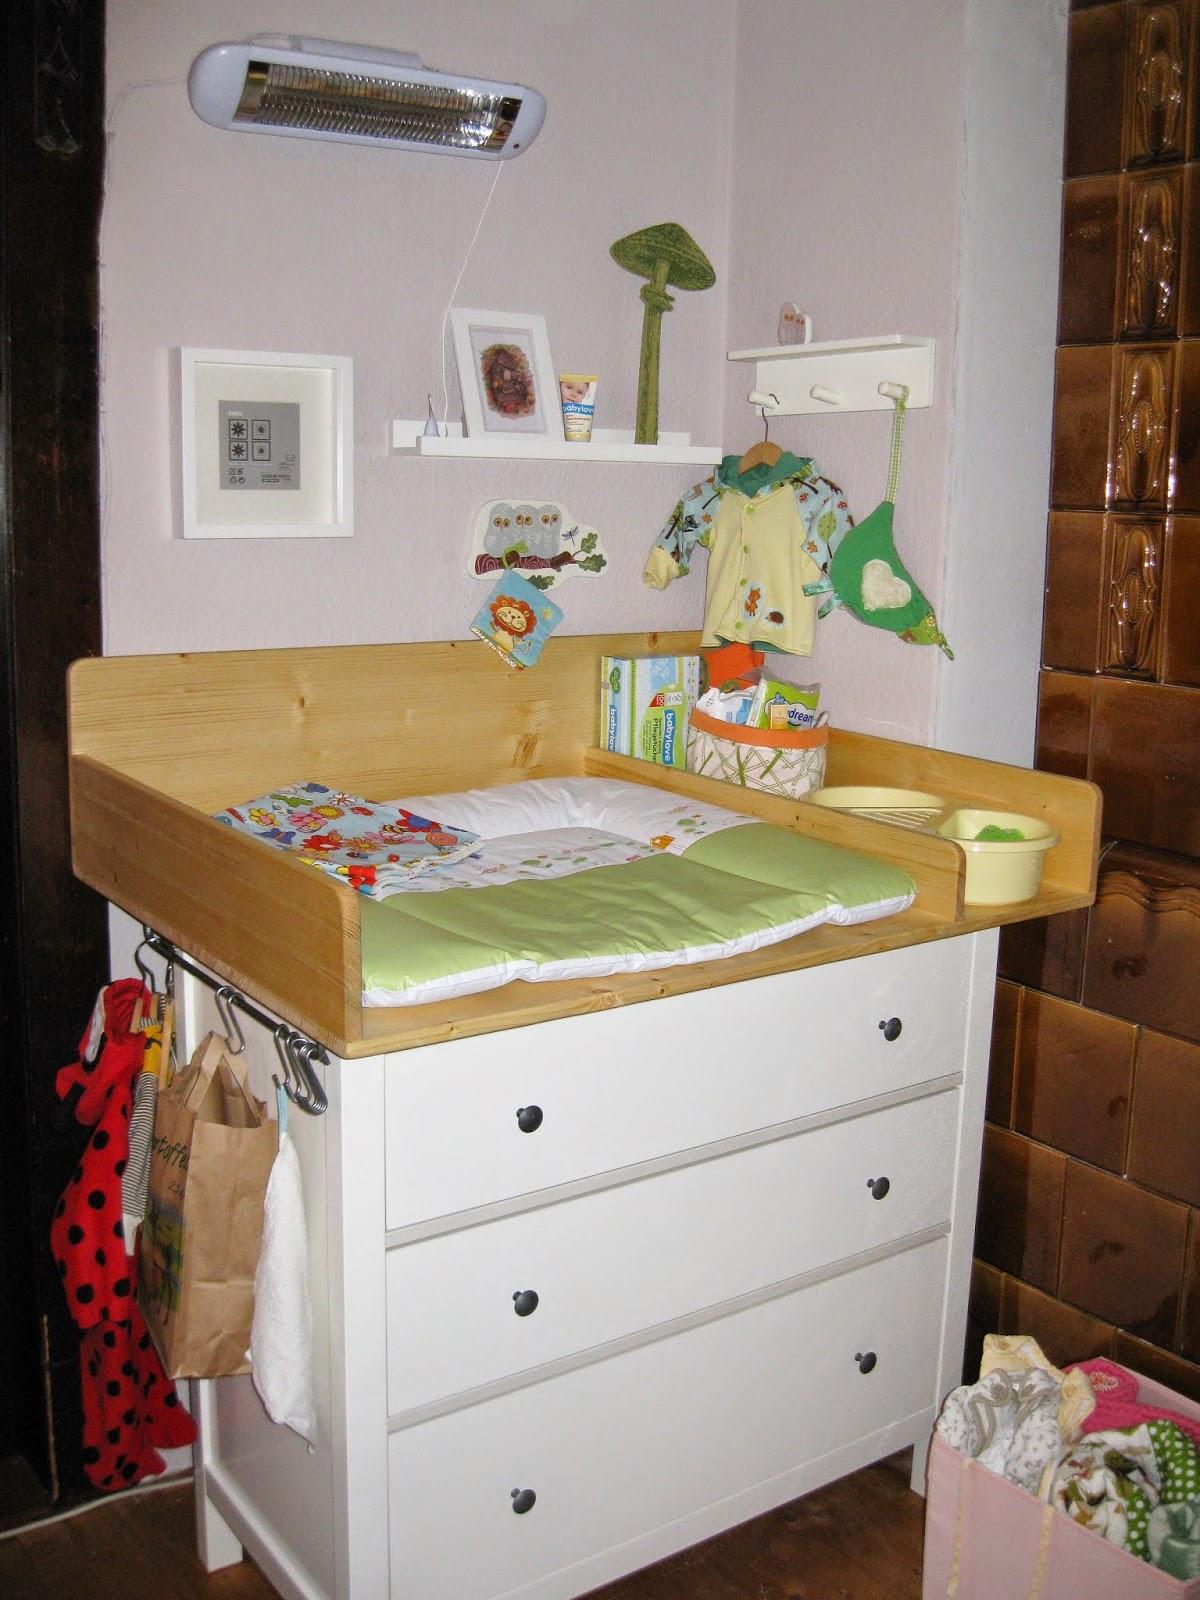 download babyecke im schlafzimmer gestalten | vitaplaza, Schlafzimmer entwurf